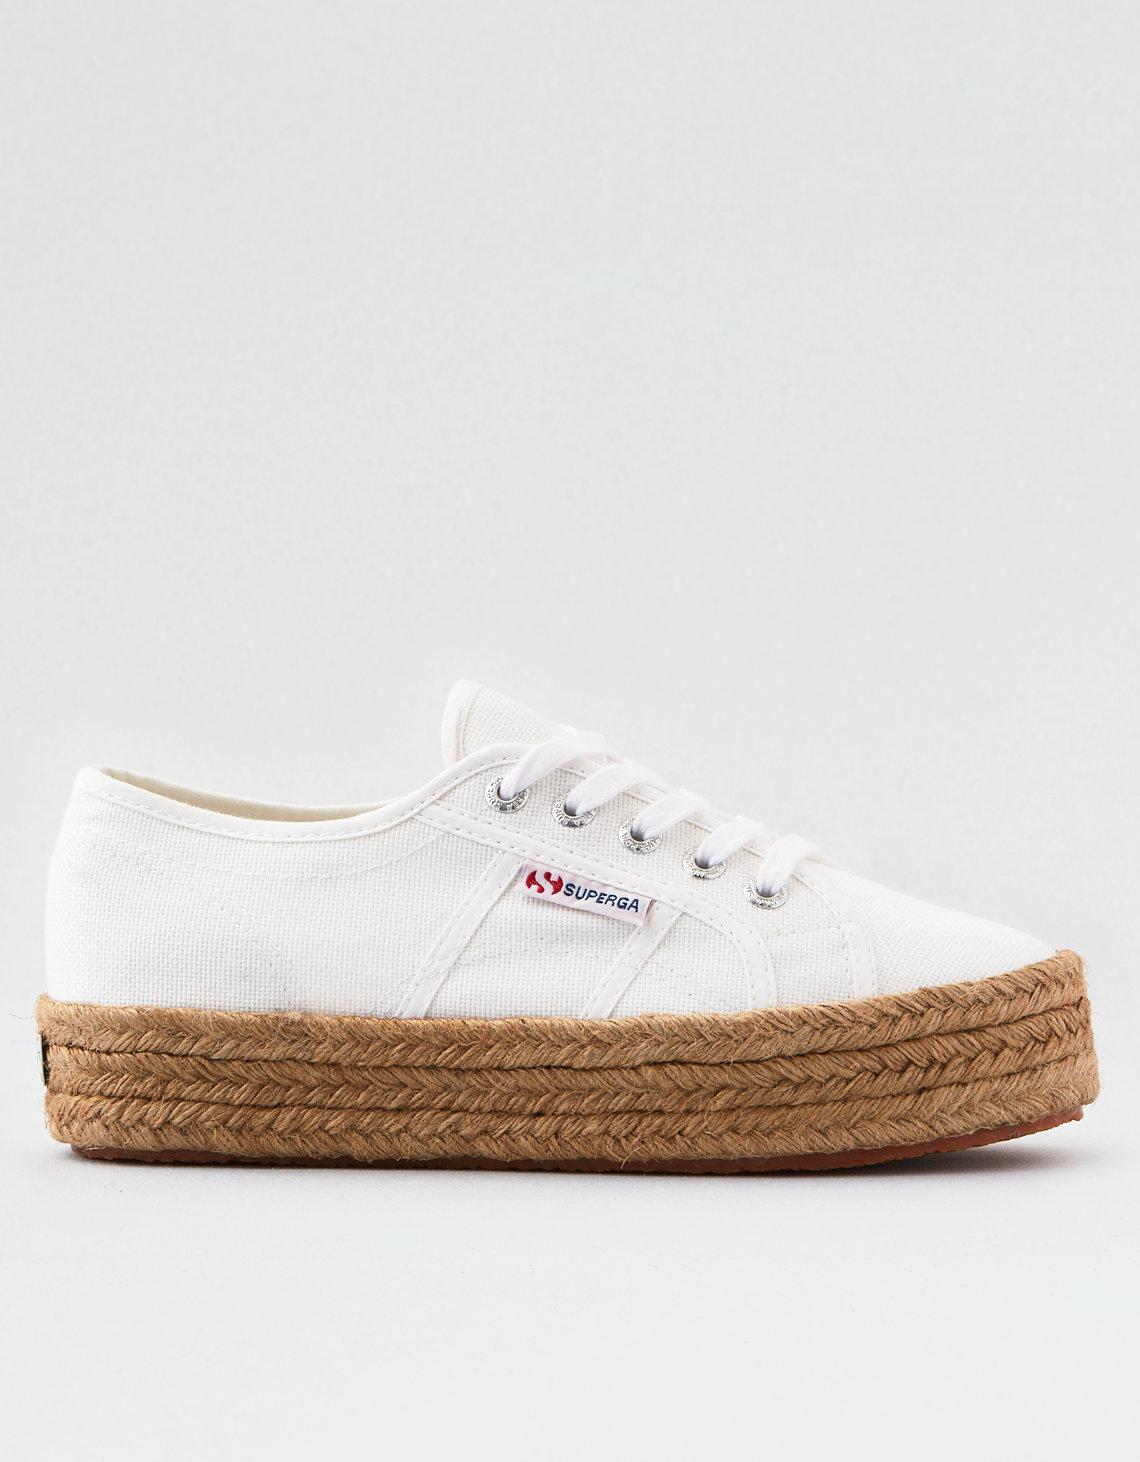 313c24f2447 Superga 2730-Cotropew Espadrille Sneakers